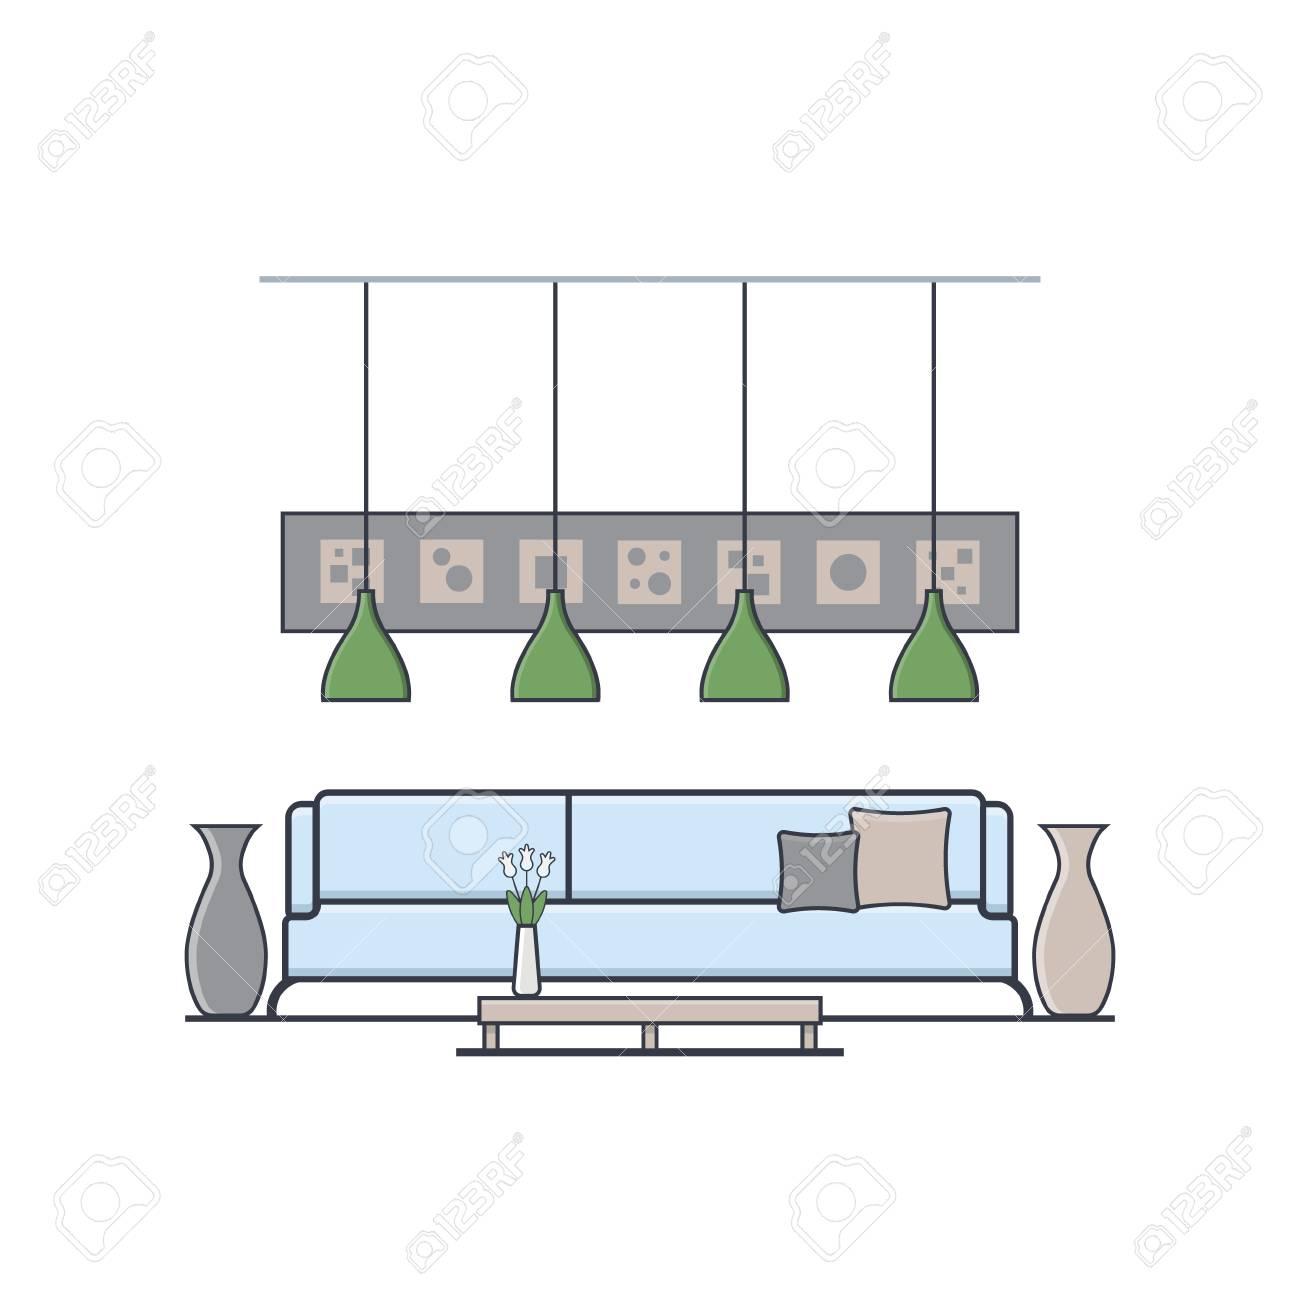 Halle Design In Linearen Flachen Stil. Konzept Der Modernen Wohnung ...